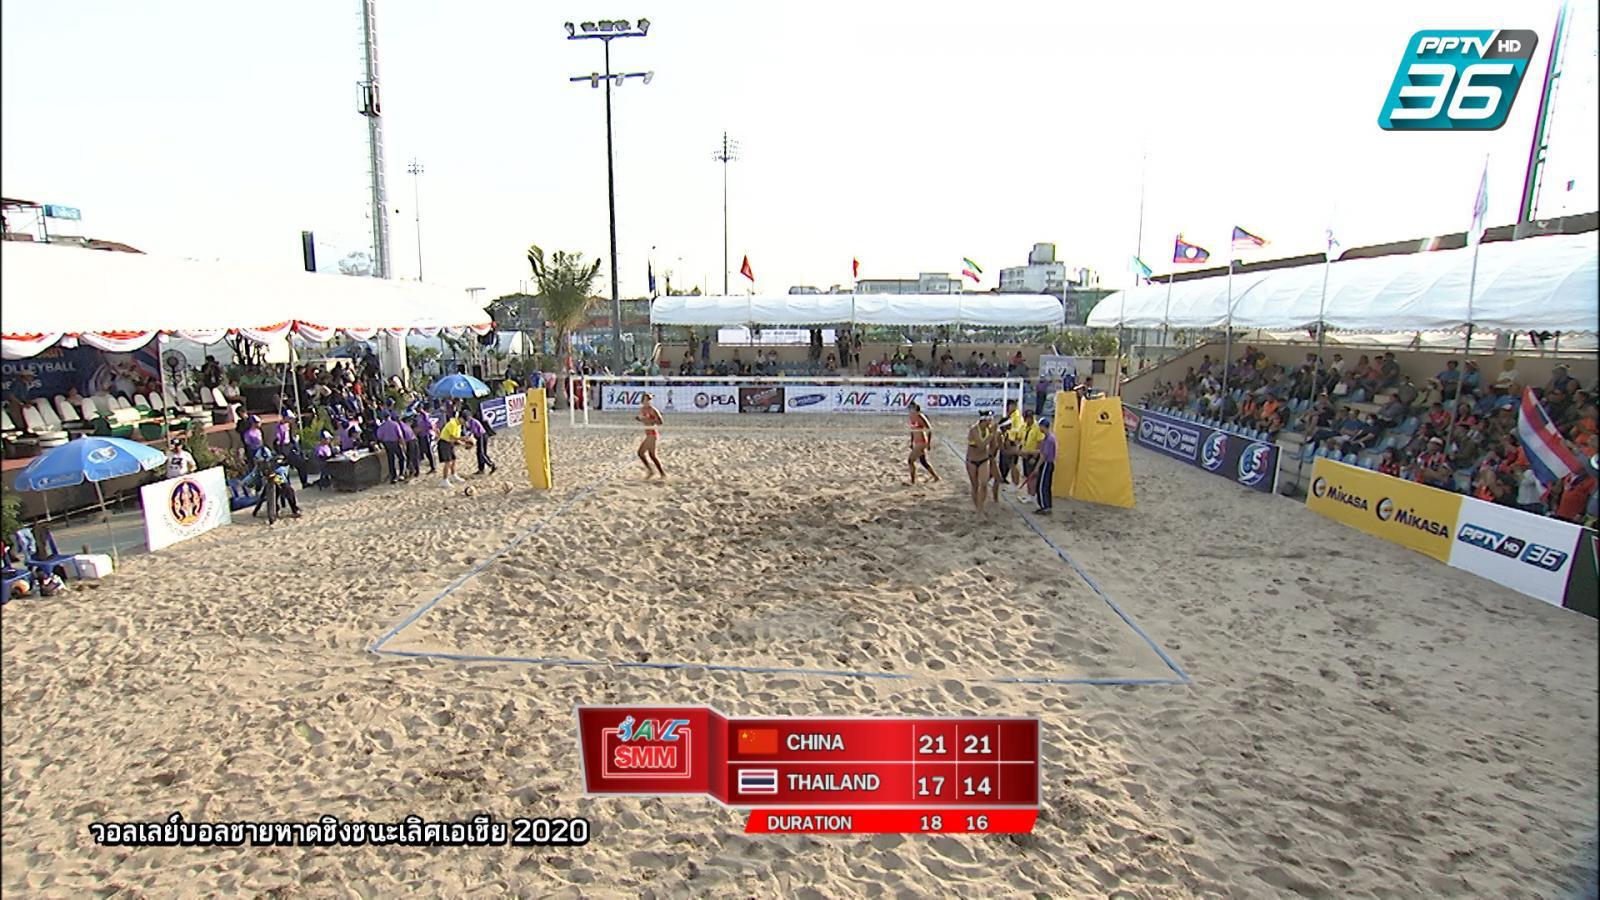 การแข่งขันวอลเลย์บอลชายหาด เอสโคล่า ชิงชนะเลิศแห่งเอเชีย ประเภทหญิงคู่ | ทีมชาติไทย พบ ทีมชาติฮ่องกงจีน